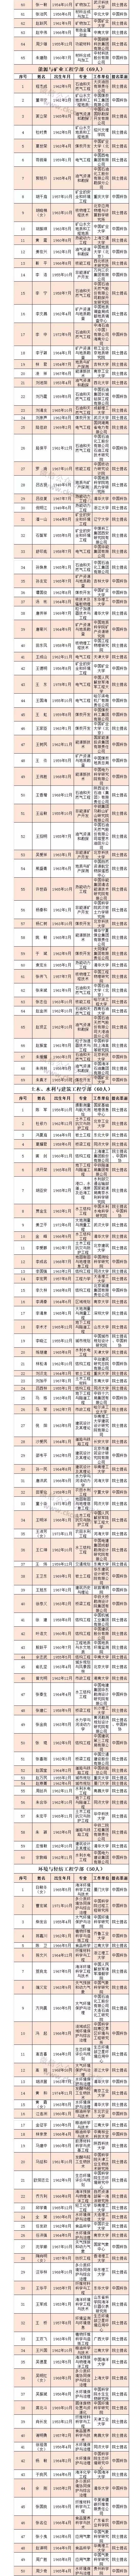 中国工程院2019年院士增选有效候选人名单发布